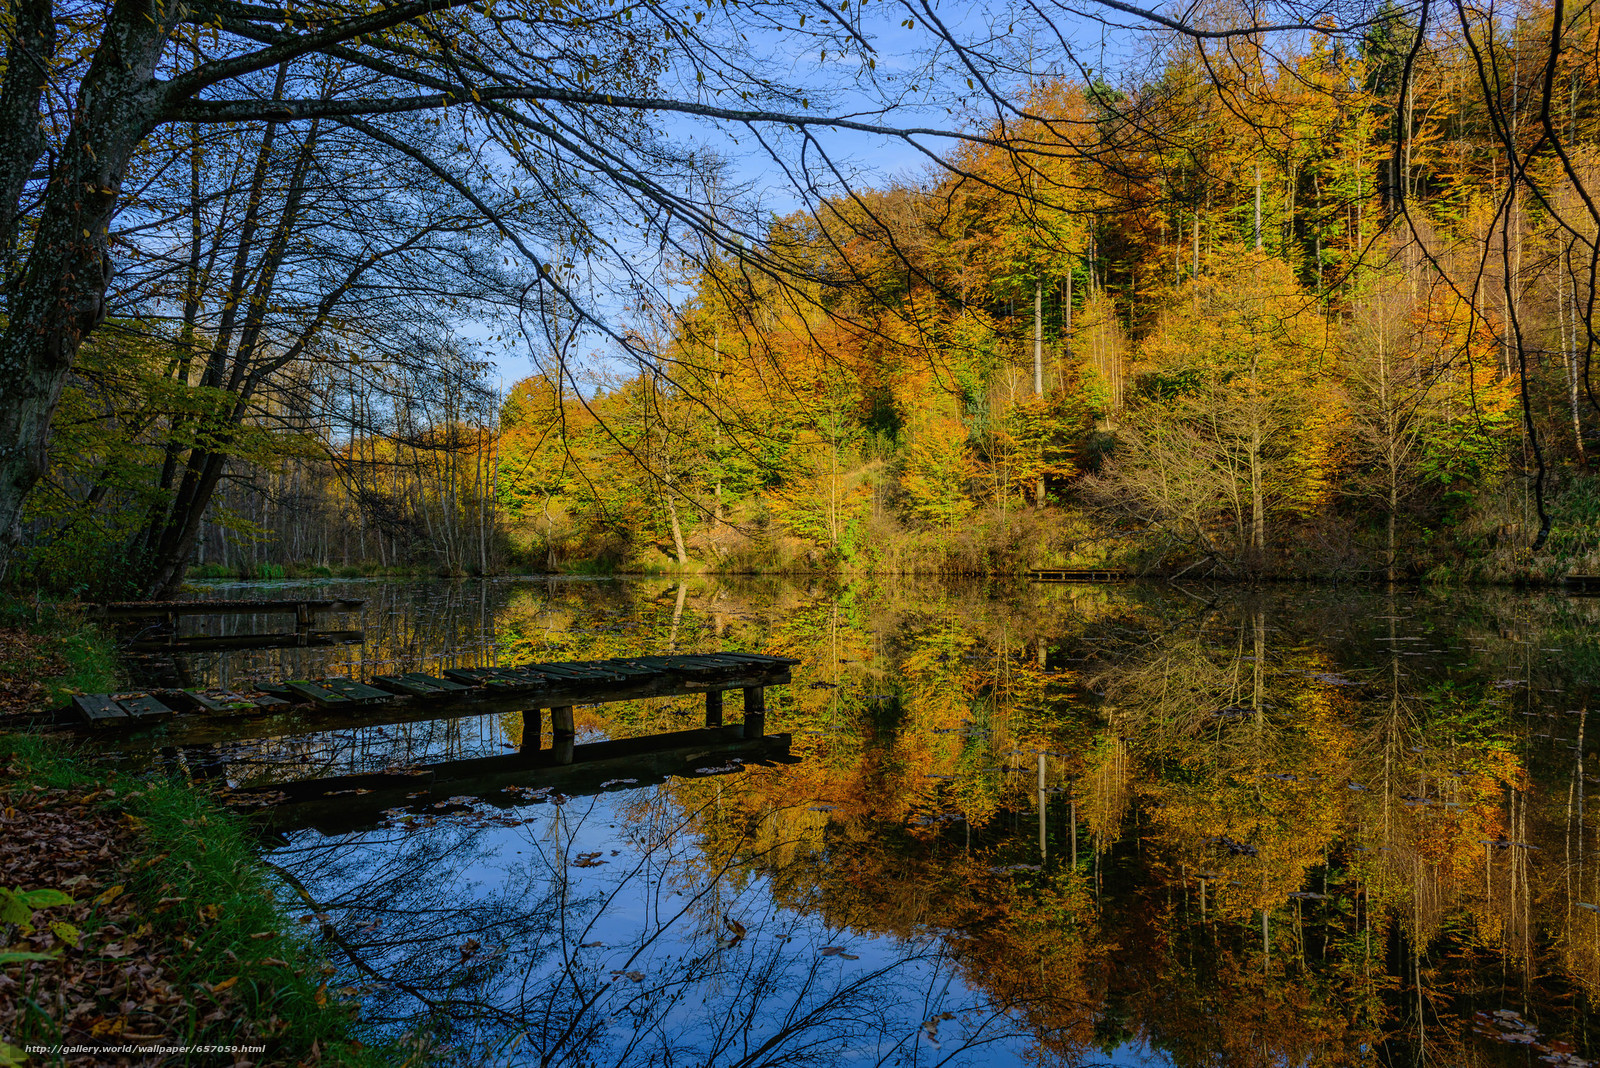 Download Hintergrund Herbst,  See,  Wald,  Bäume Freie desktop Tapeten in der Auflosung 2048x1367 — bild №657059